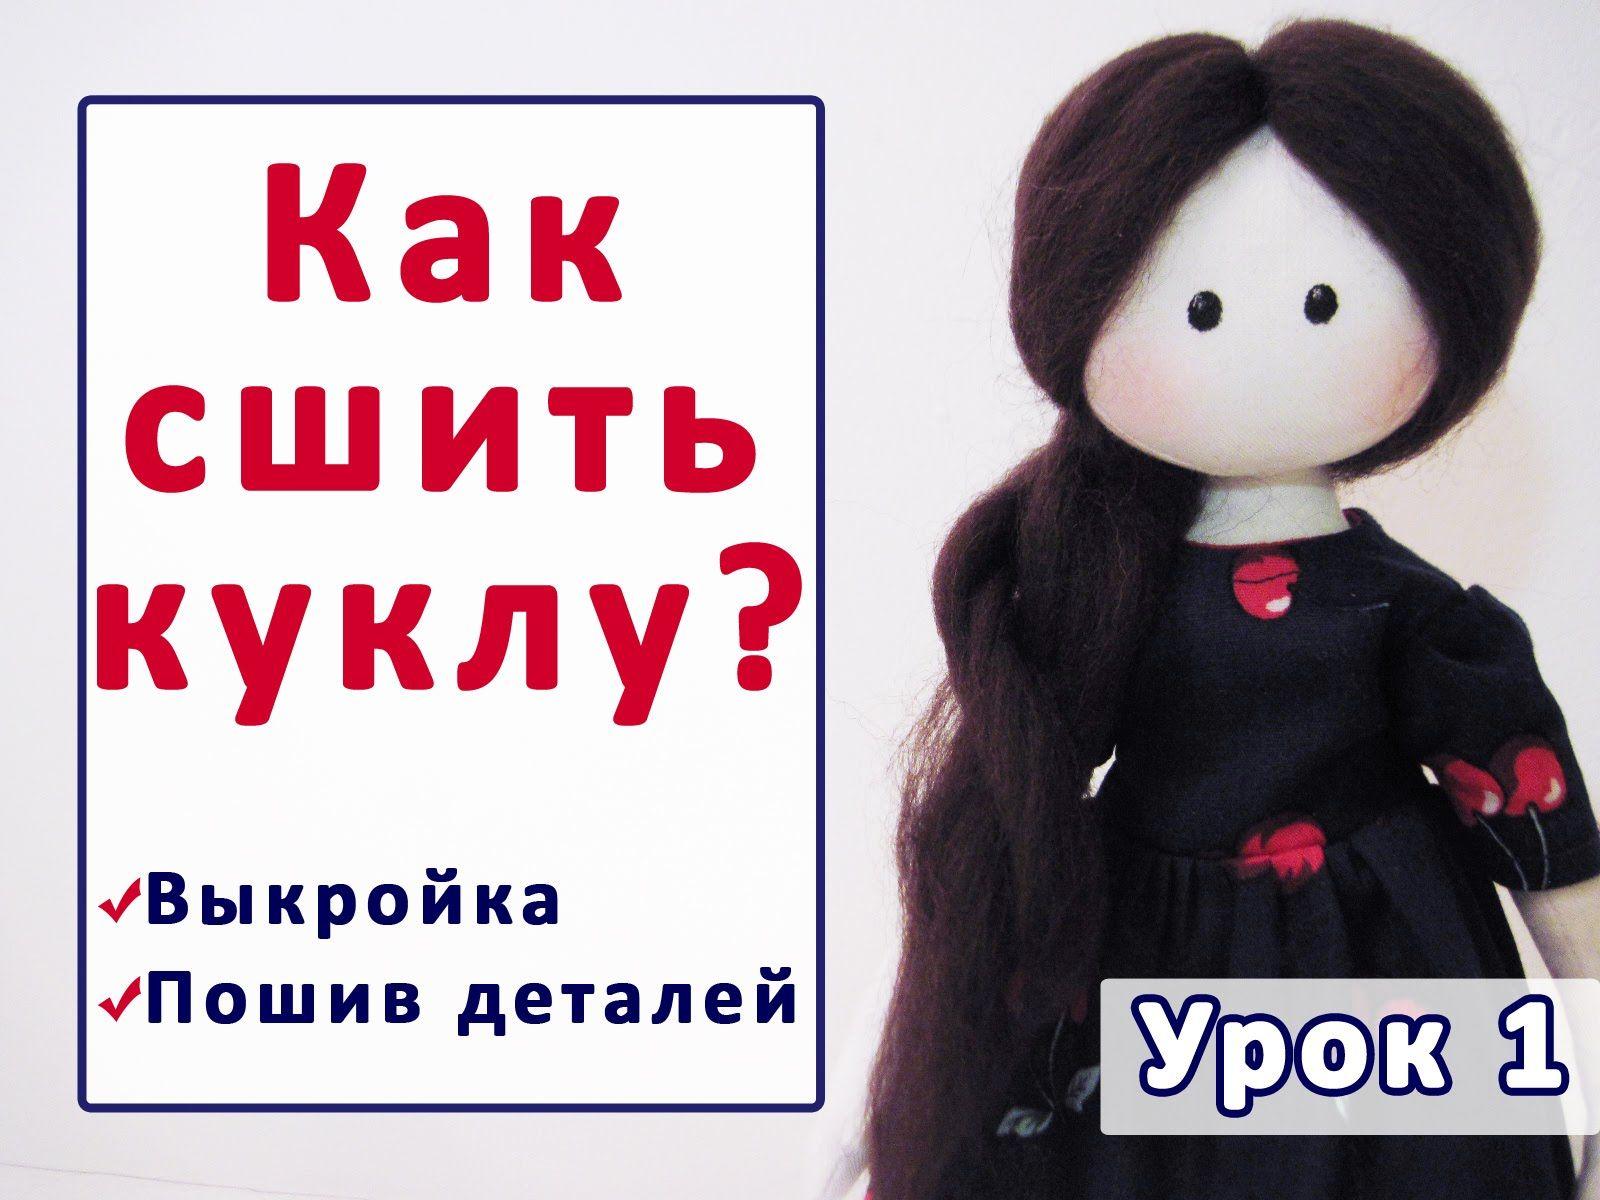 Как сшить куклу схема своими руками